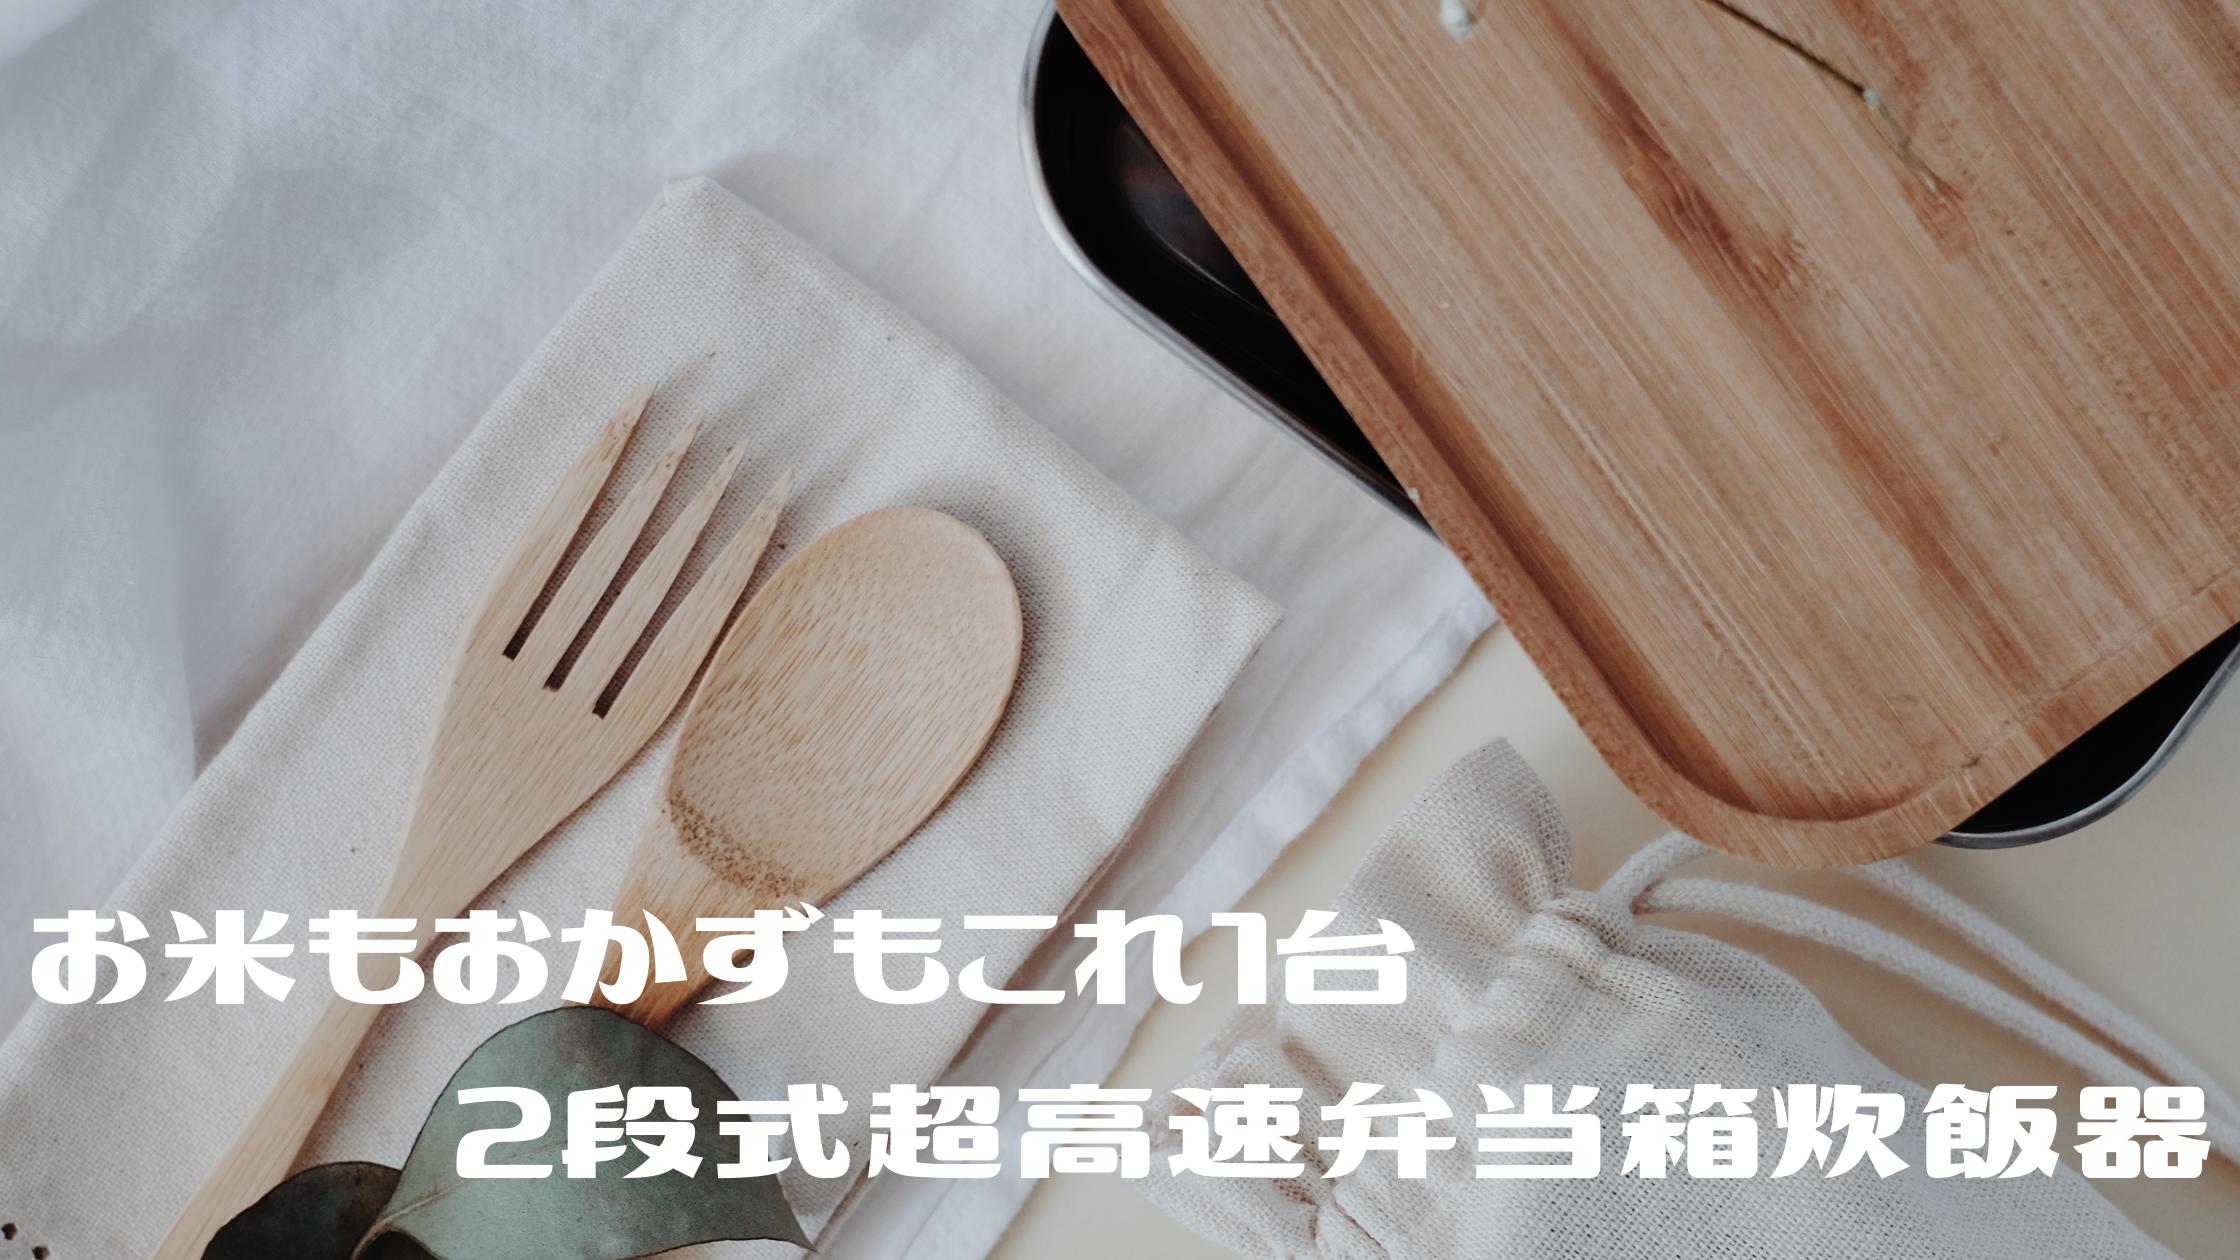 【王様のブランチ】『超高速弁当箱炊飯器』が進化して登場!2段式になっておかずも一緒に温められる